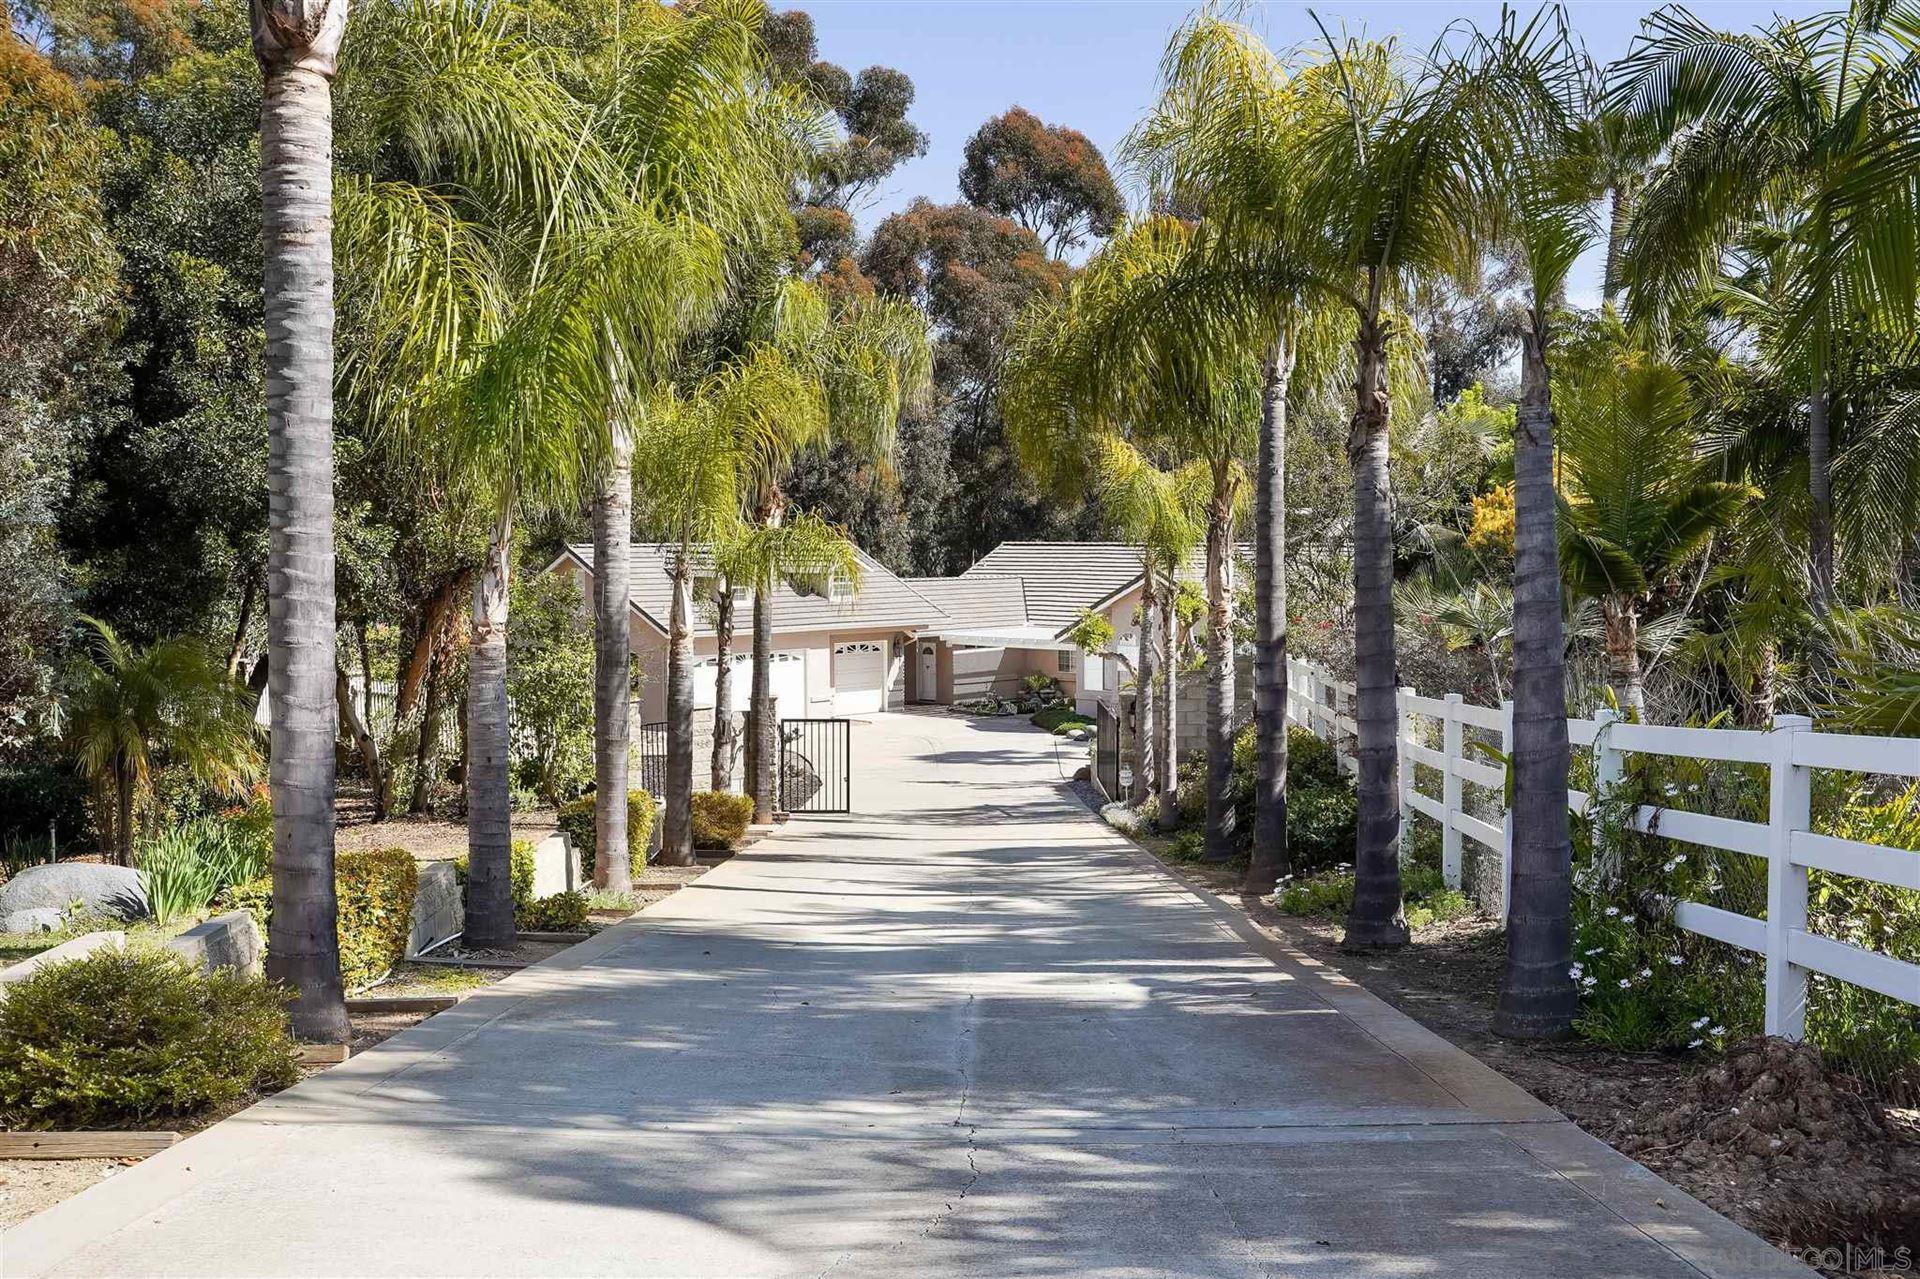 Photo of 656 Altamira Ct, Vista, CA 92081 (MLS # 210008353)